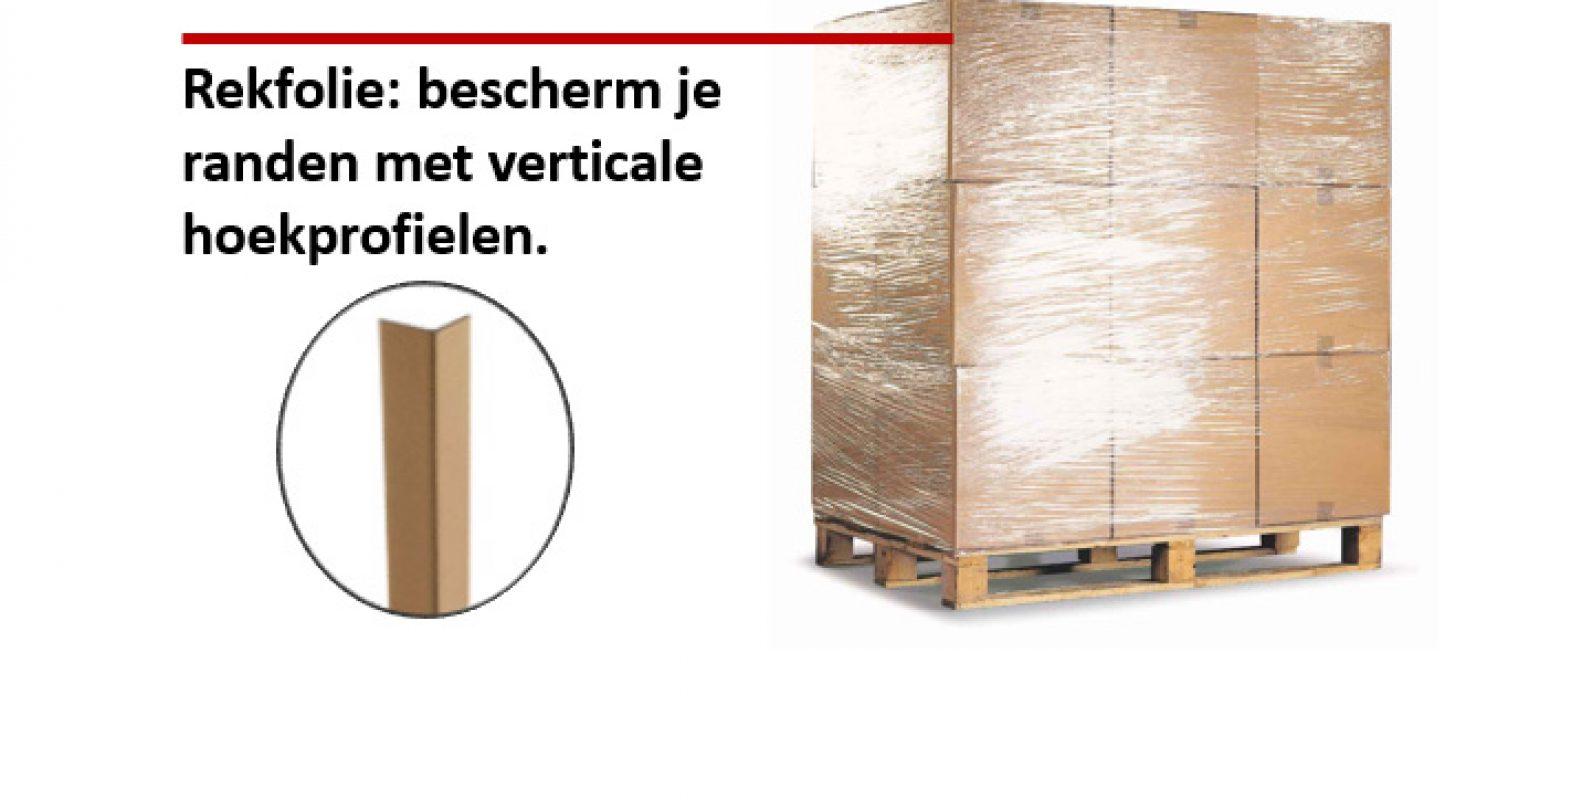 Refkolie met bescherming van verticale hoekprofielen